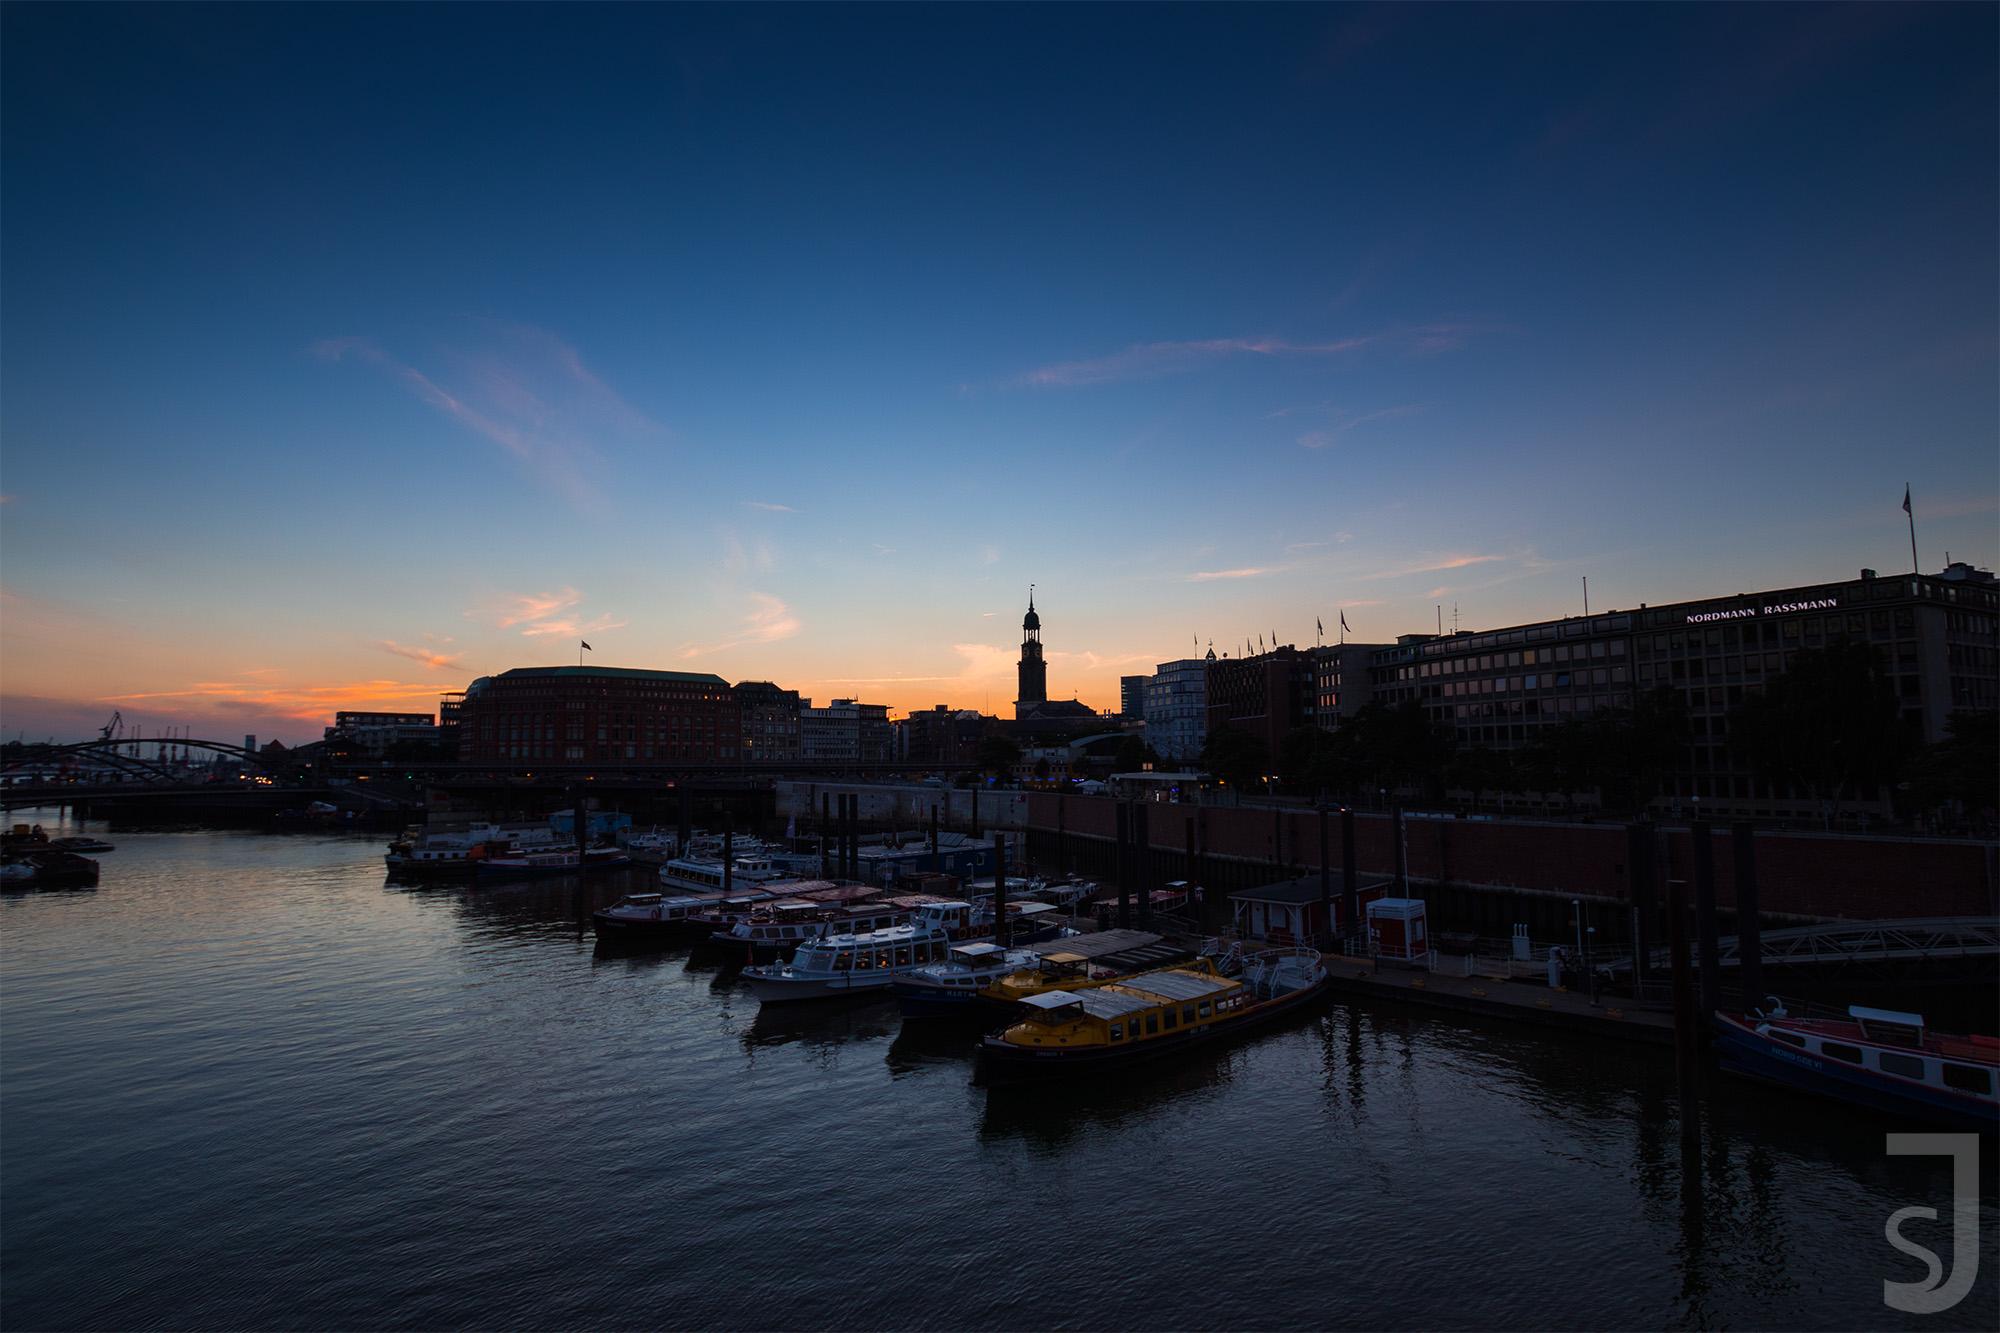 Sonnenuntergang Hafen, Hamburg